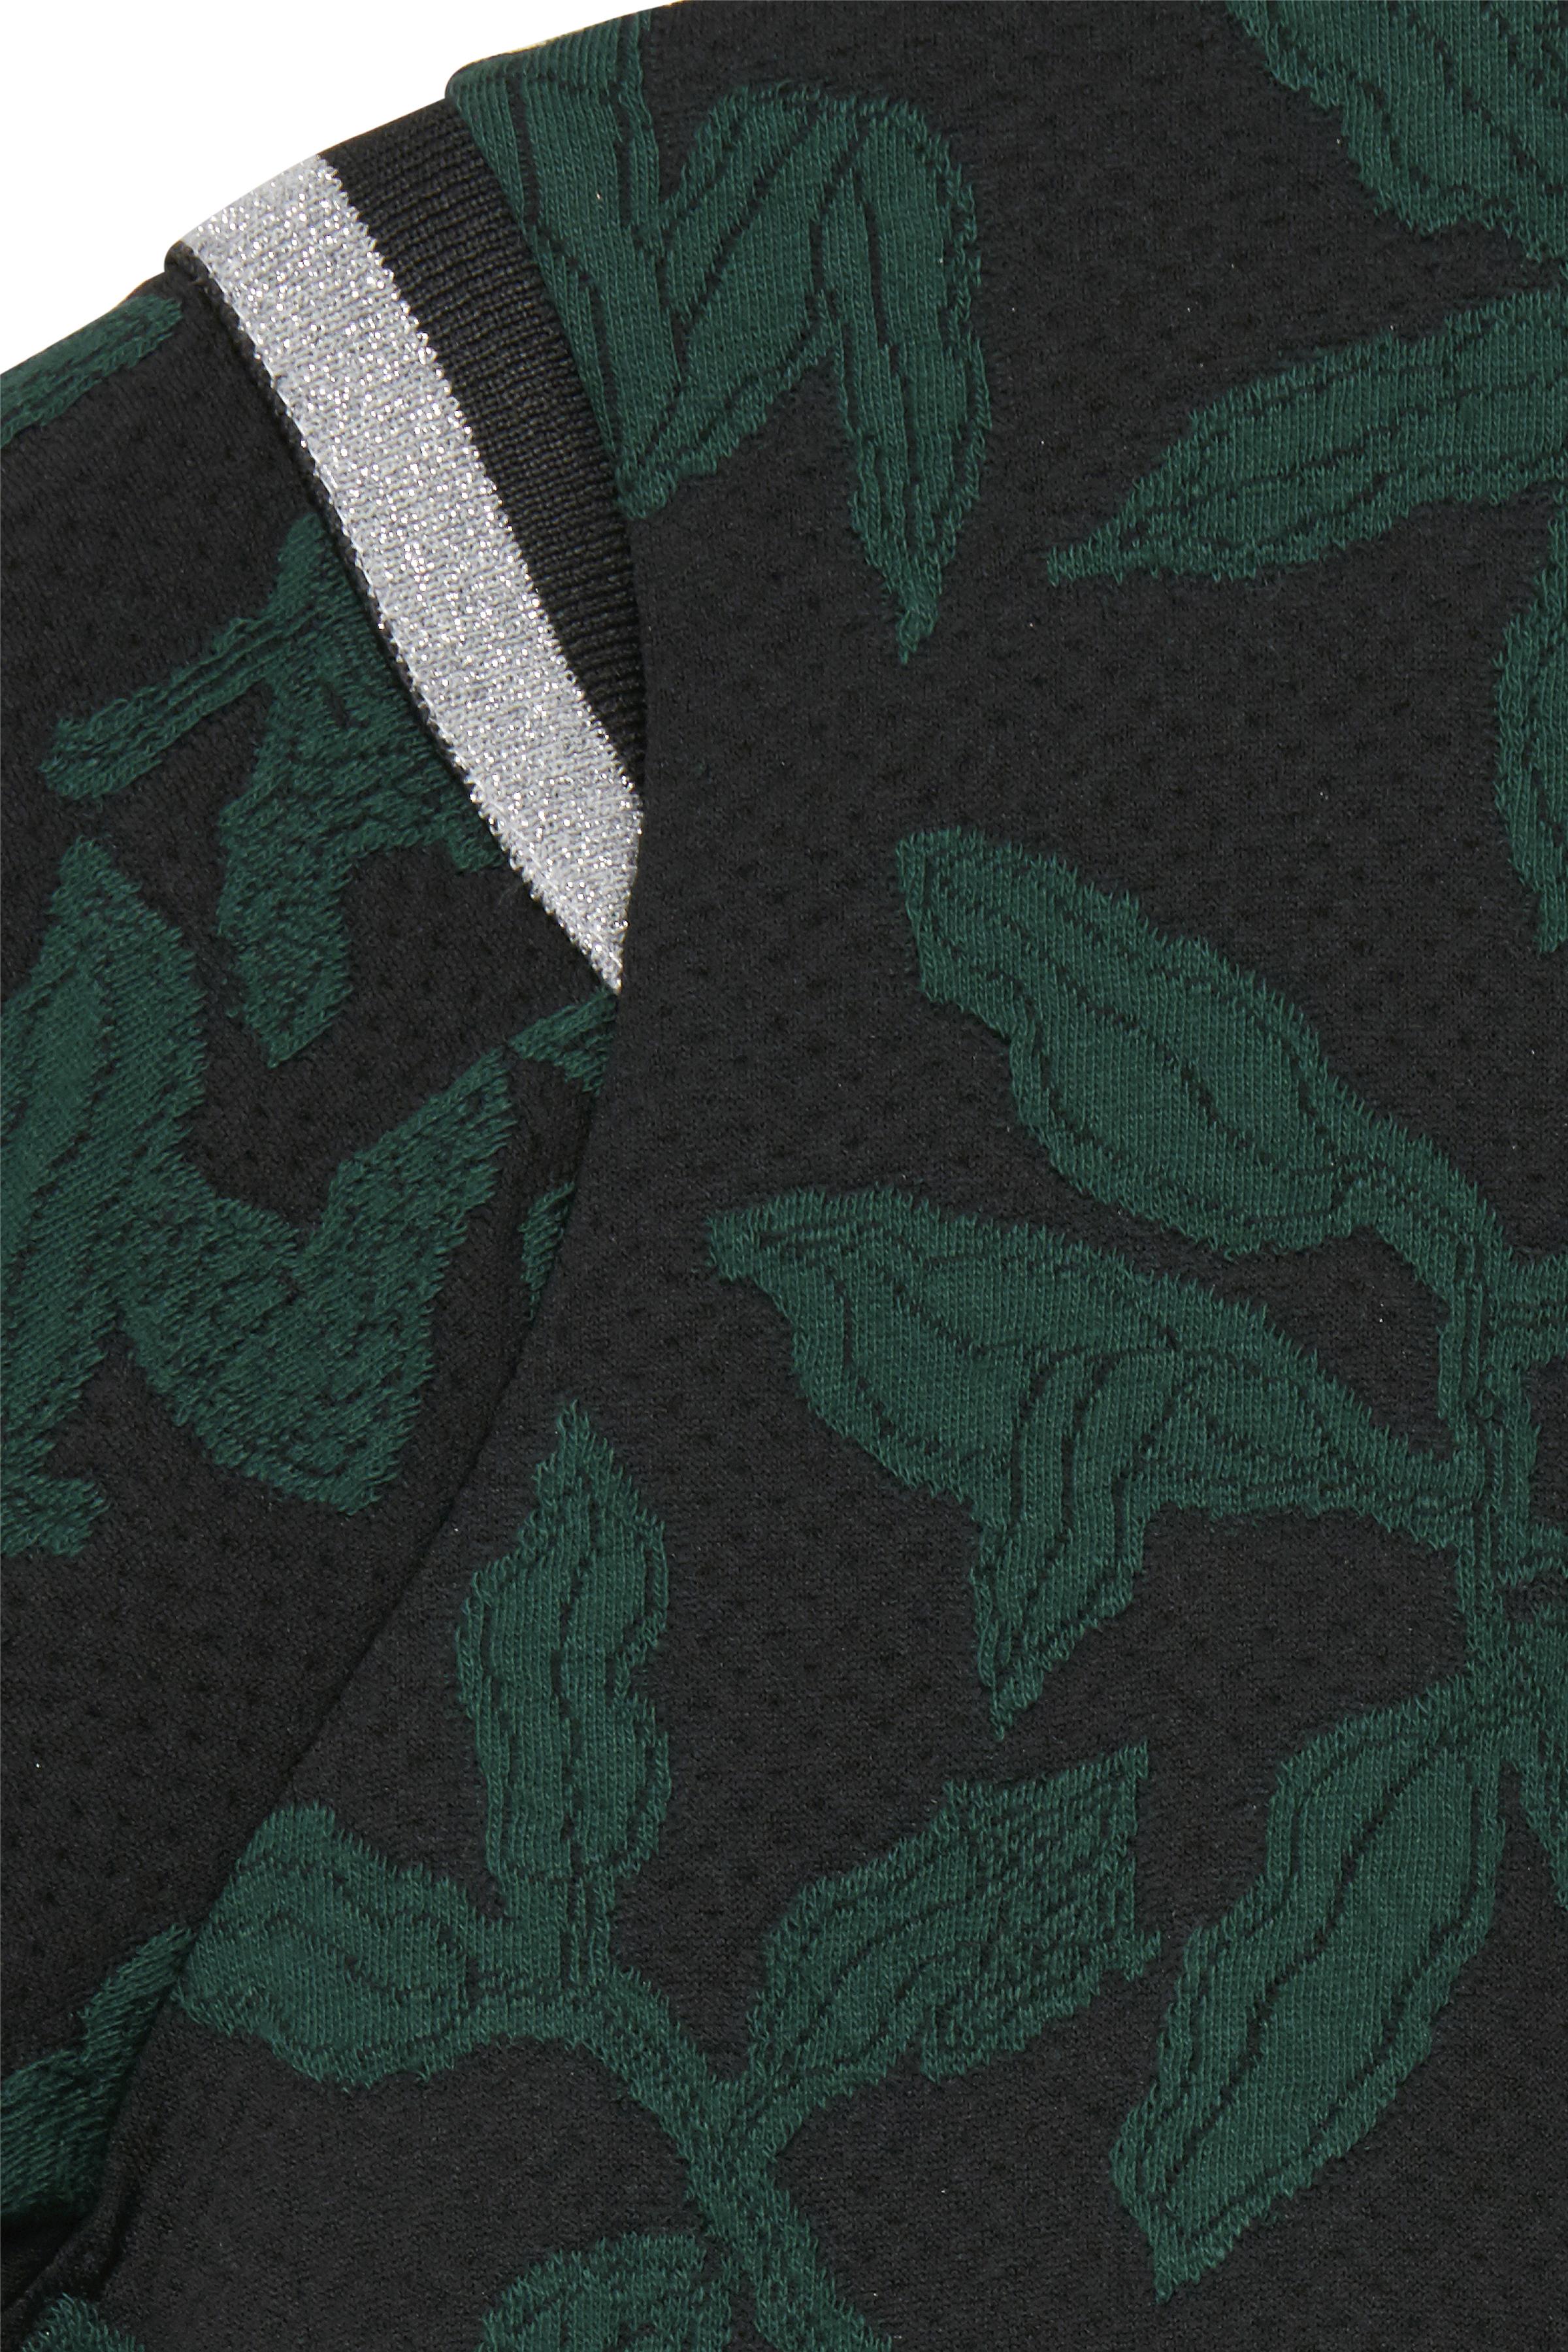 Zwart/flesgroen Jurk van Dranella – Door Zwart/flesgroen Jurk van maat. XS-XXL hier